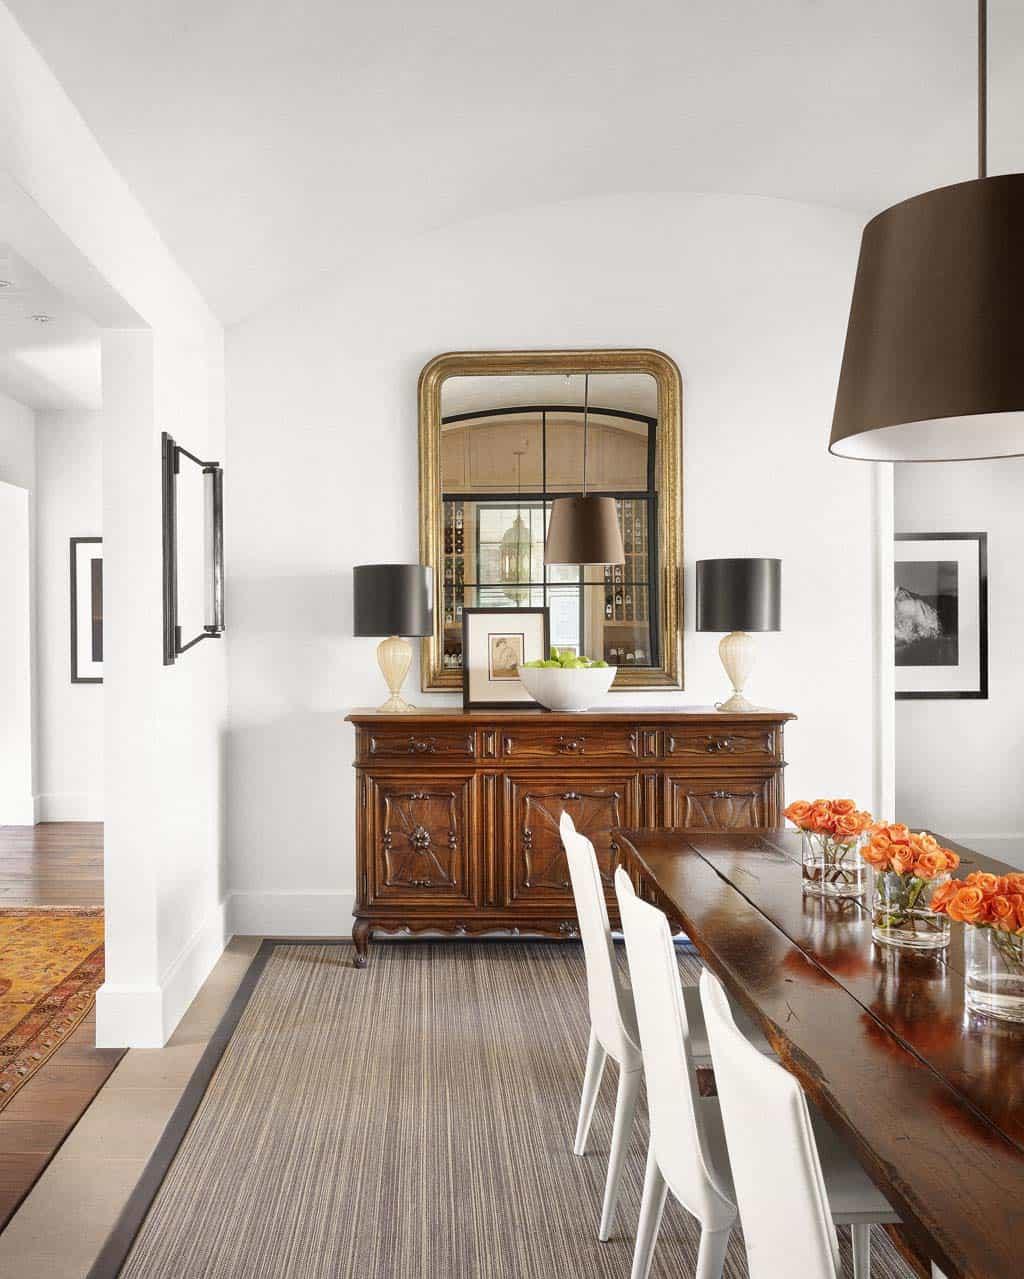 Rustic Modern Home-Mark Ashby Design-09-1 Kindesign